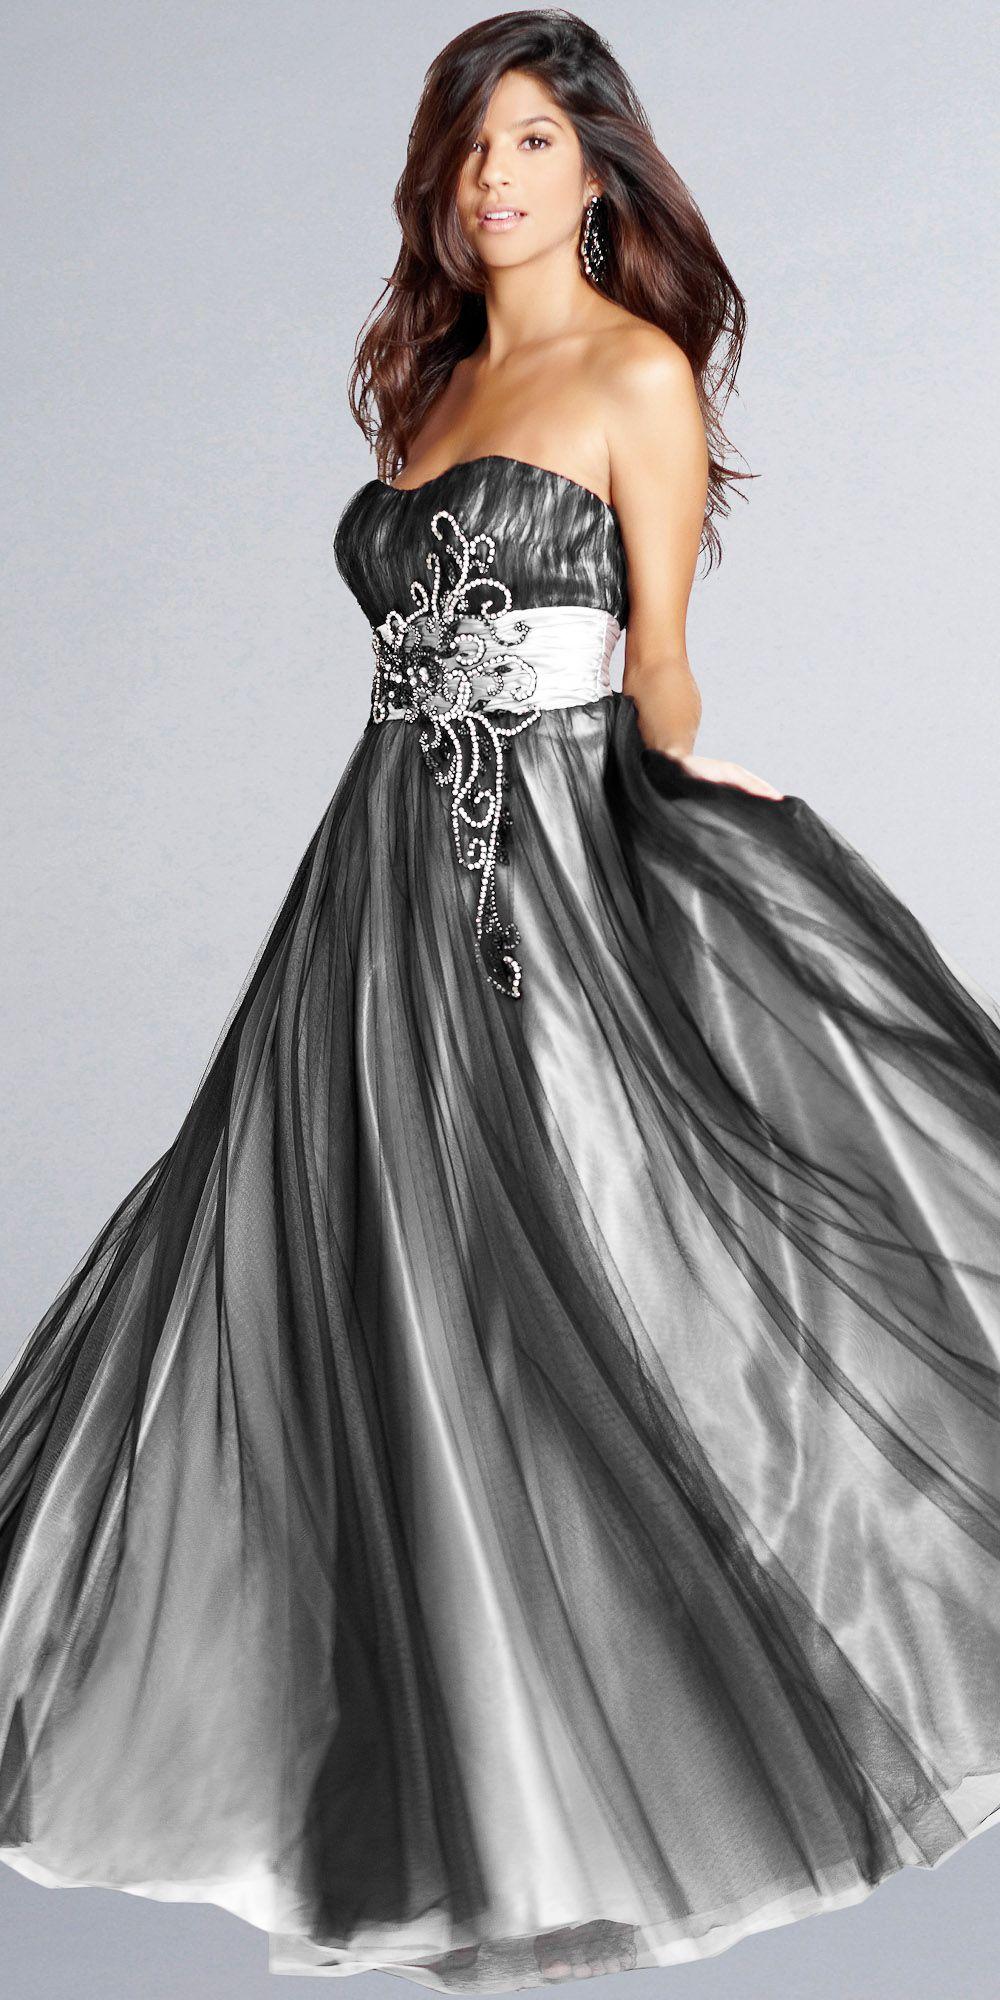 Bello movimiento de este precioso vestido el viento y el